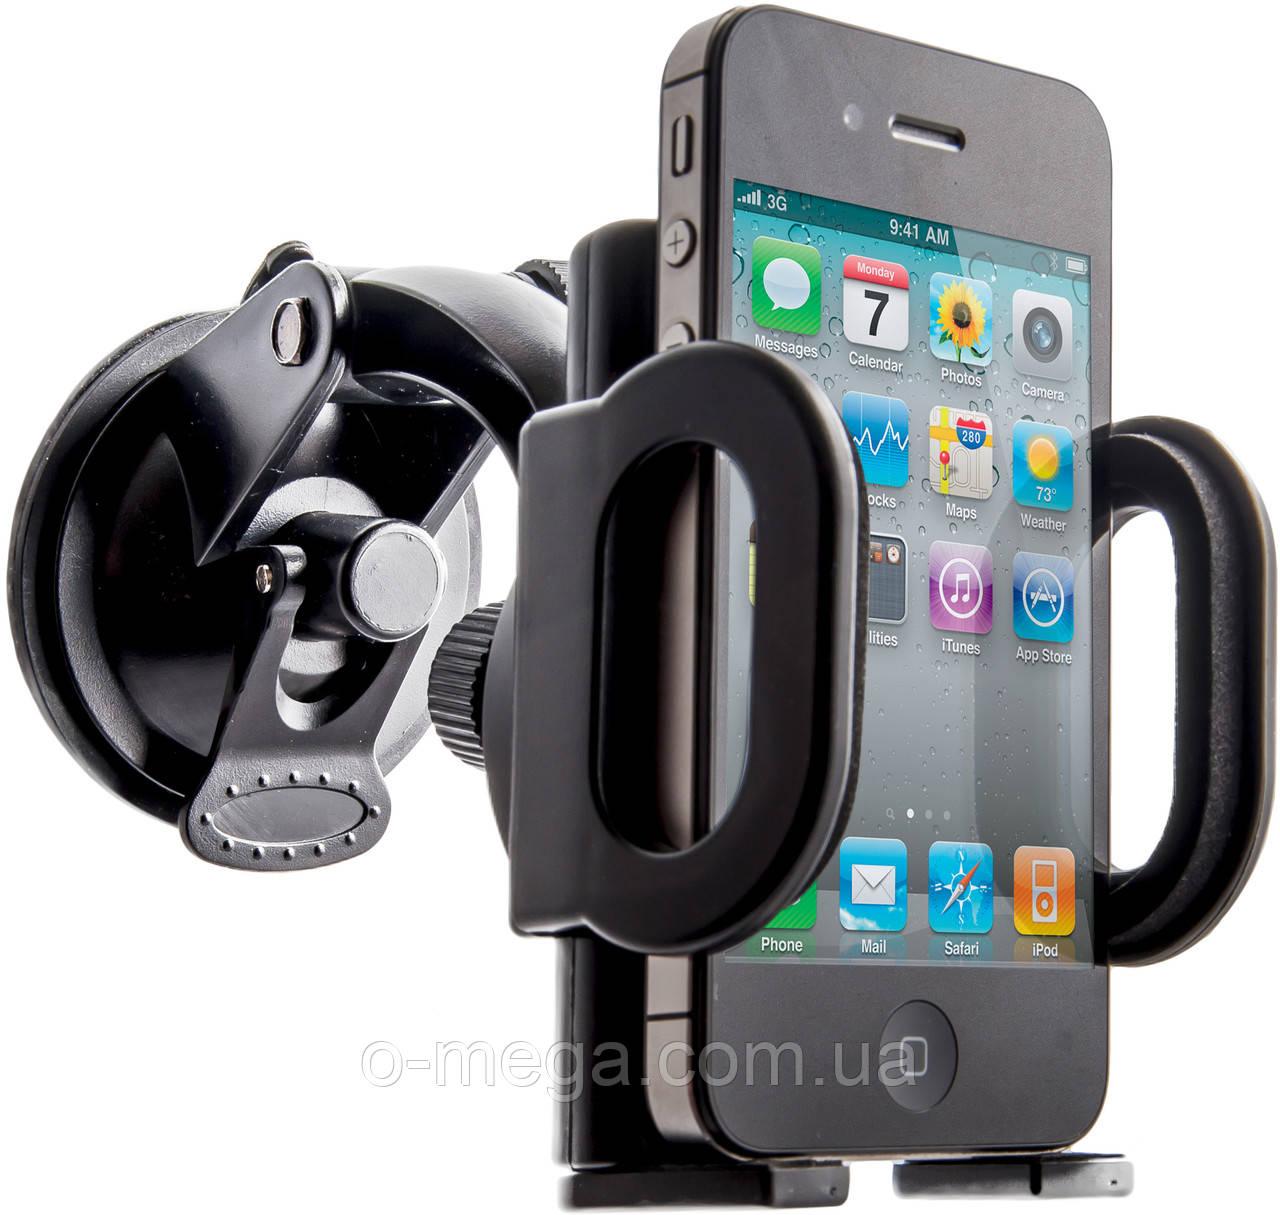 Автомобильное крепление для планшета, телефона, смартфона до 7 дюймов Defender 101+